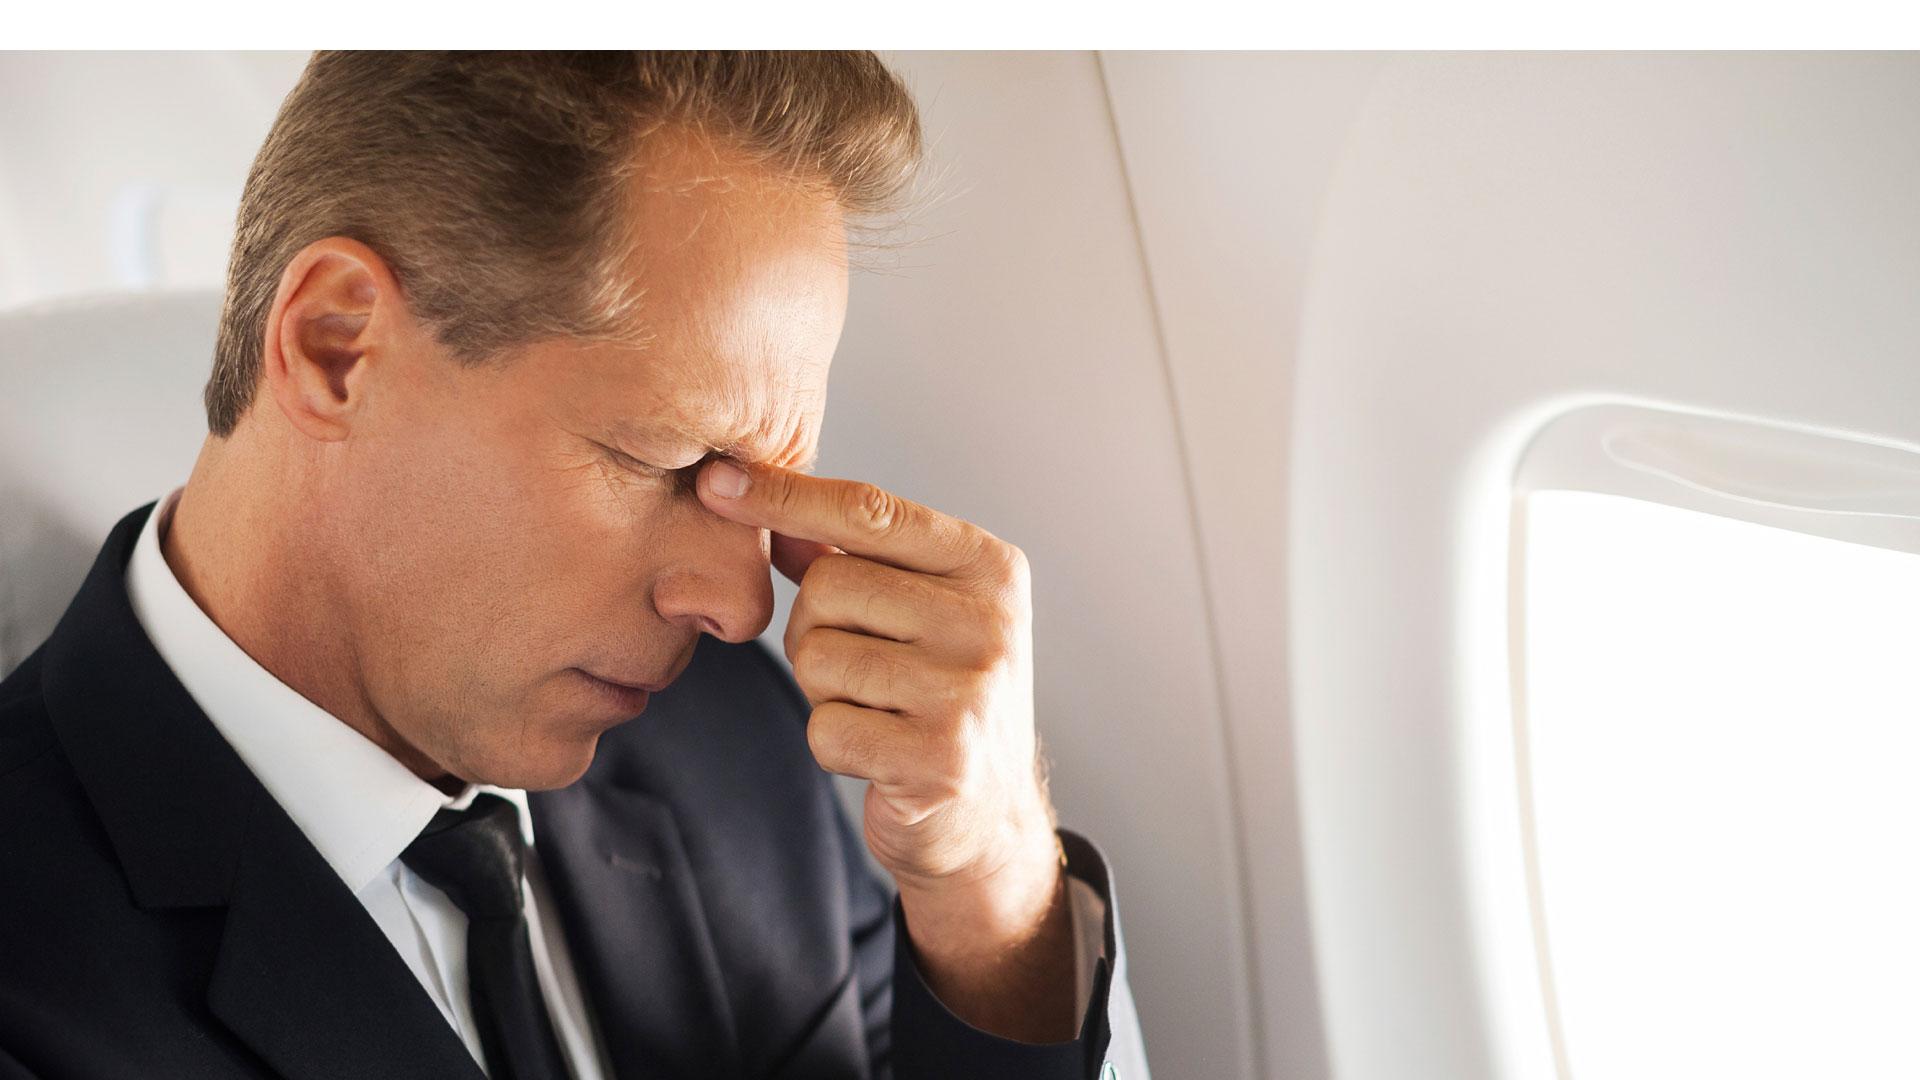 Hay medicamentos que resultan buenos cuando no puedes controlar las náuseas en el viaje